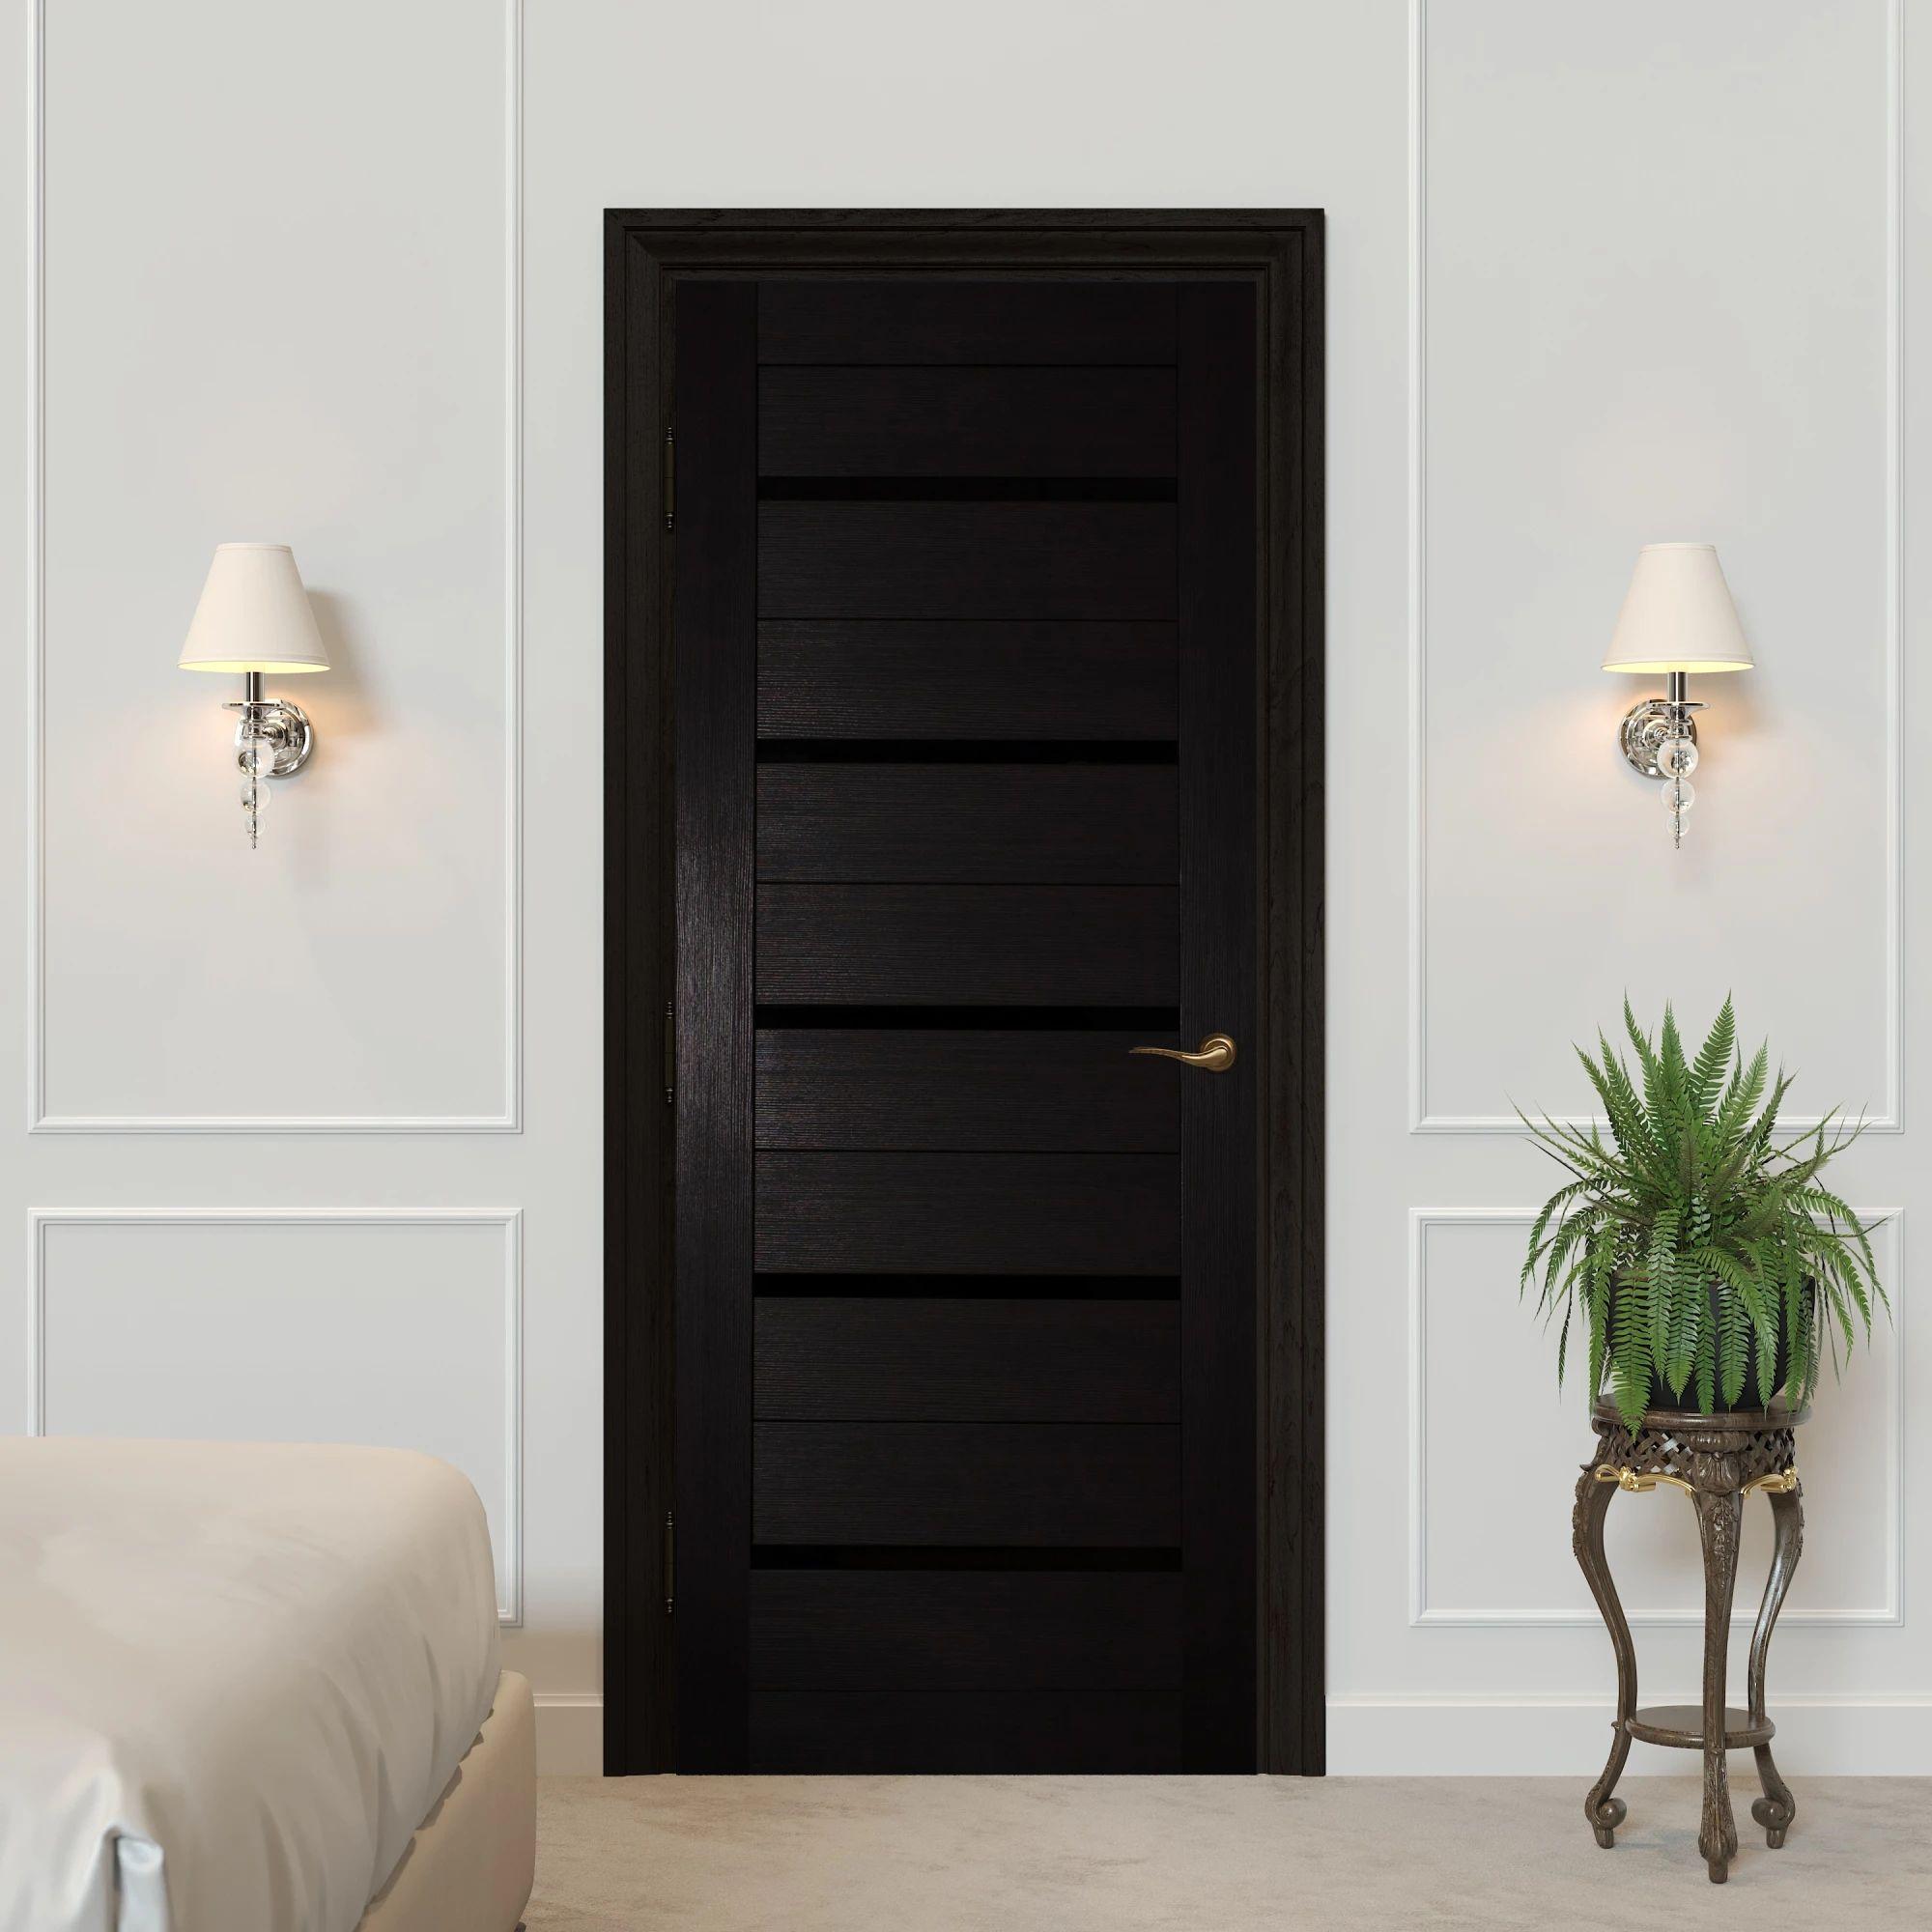 Дверь межкомнатная остеклённая Duplex 60x200 см, искусственный шпон, цвет венге 1